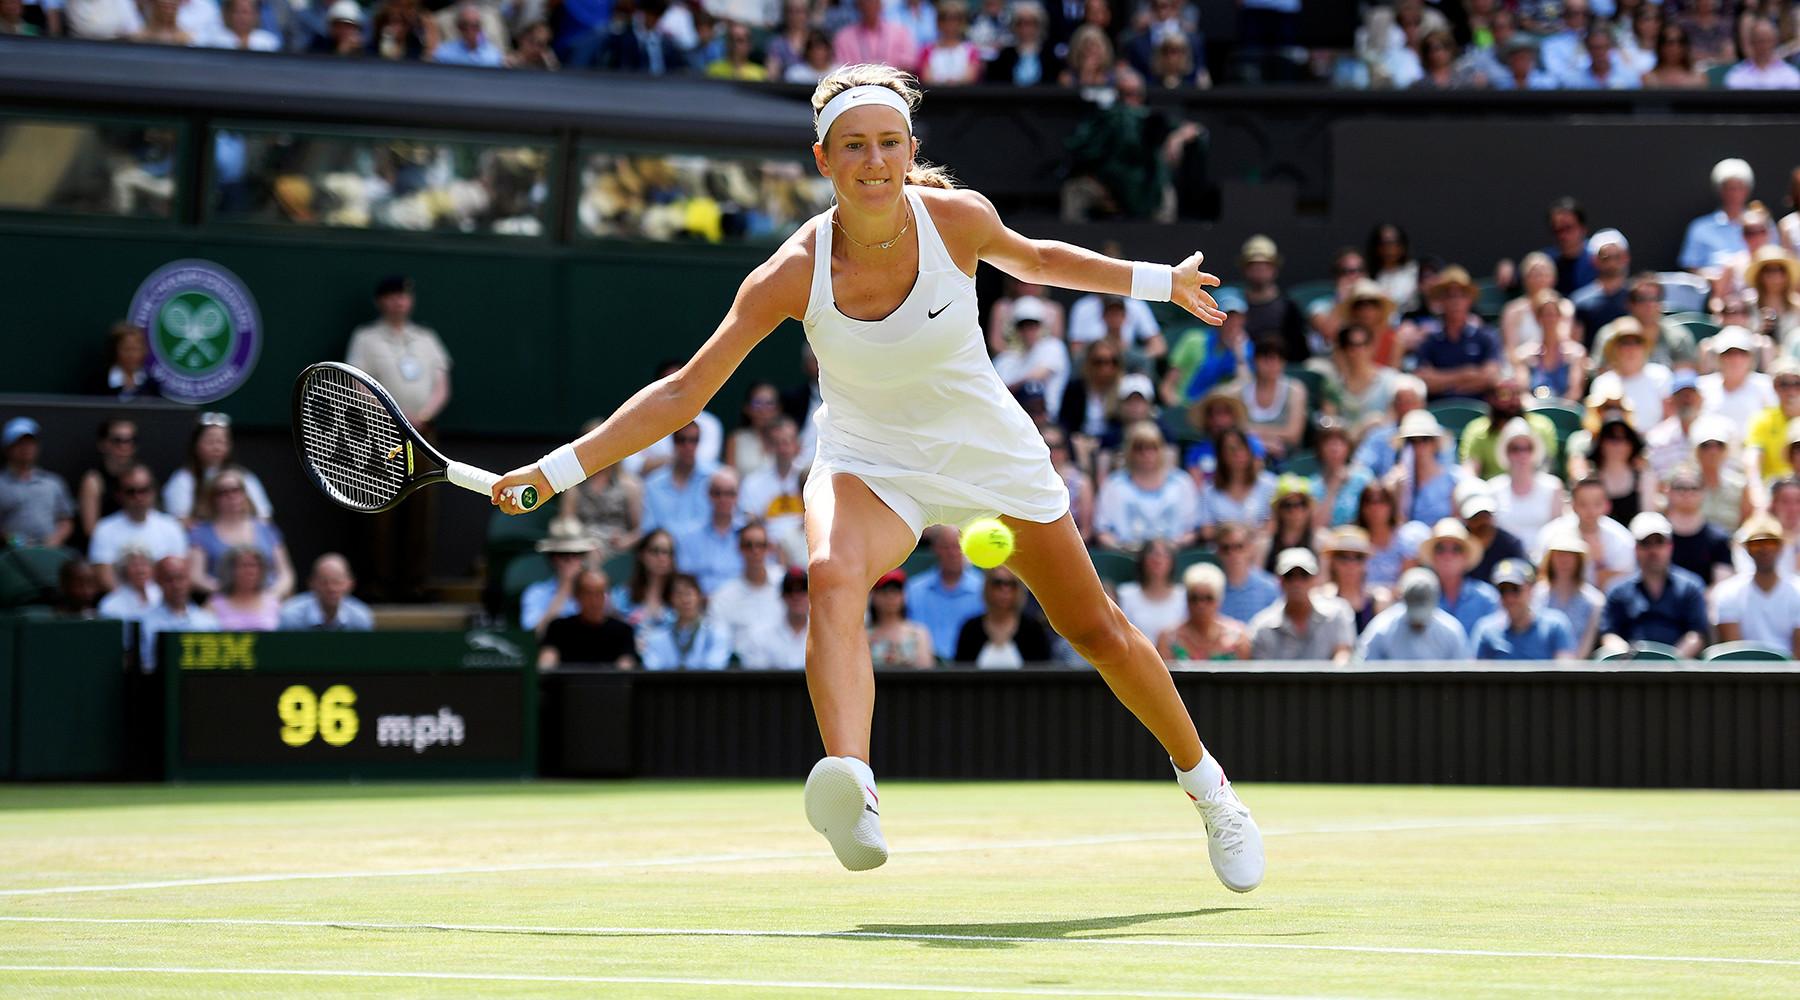 Семья или спорт: теннисистка Азаренко не будет участвовать в US Open из-за решения суда США в отношении её сына